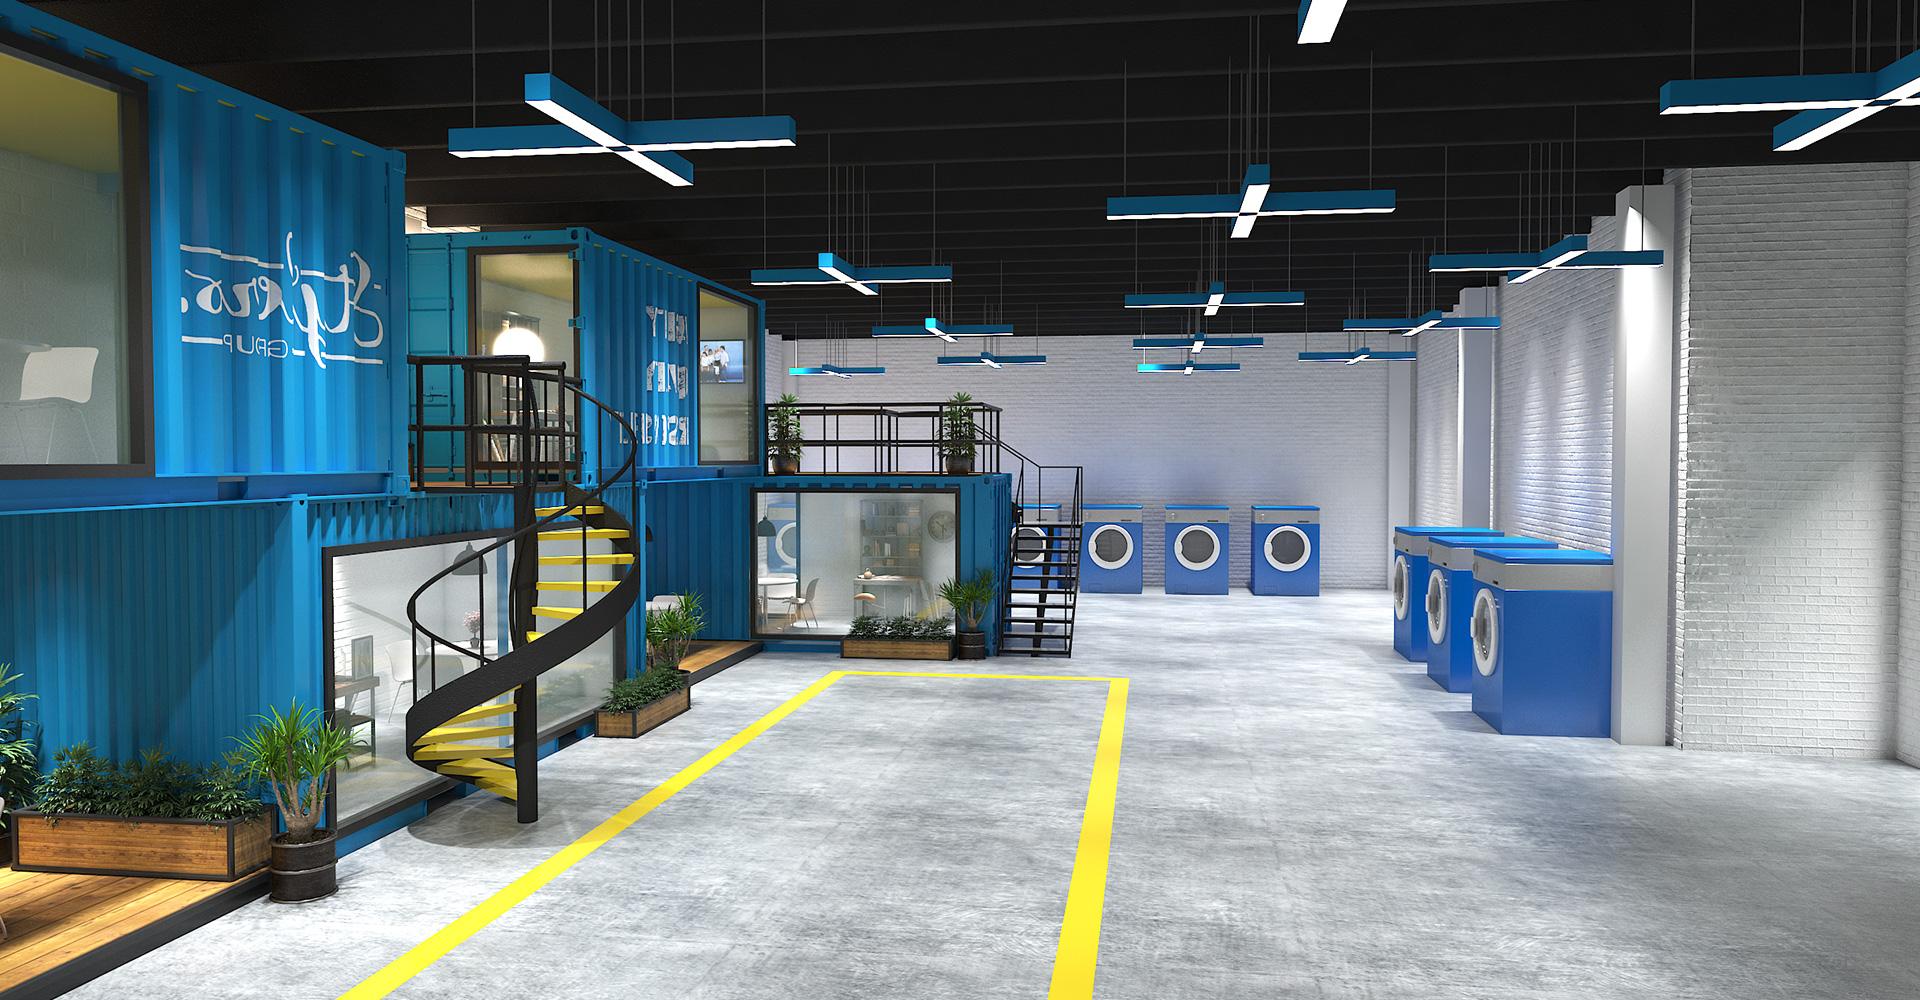 office-interior-design-Hiline-lahore-portfolio-stylers-pd-studio-07